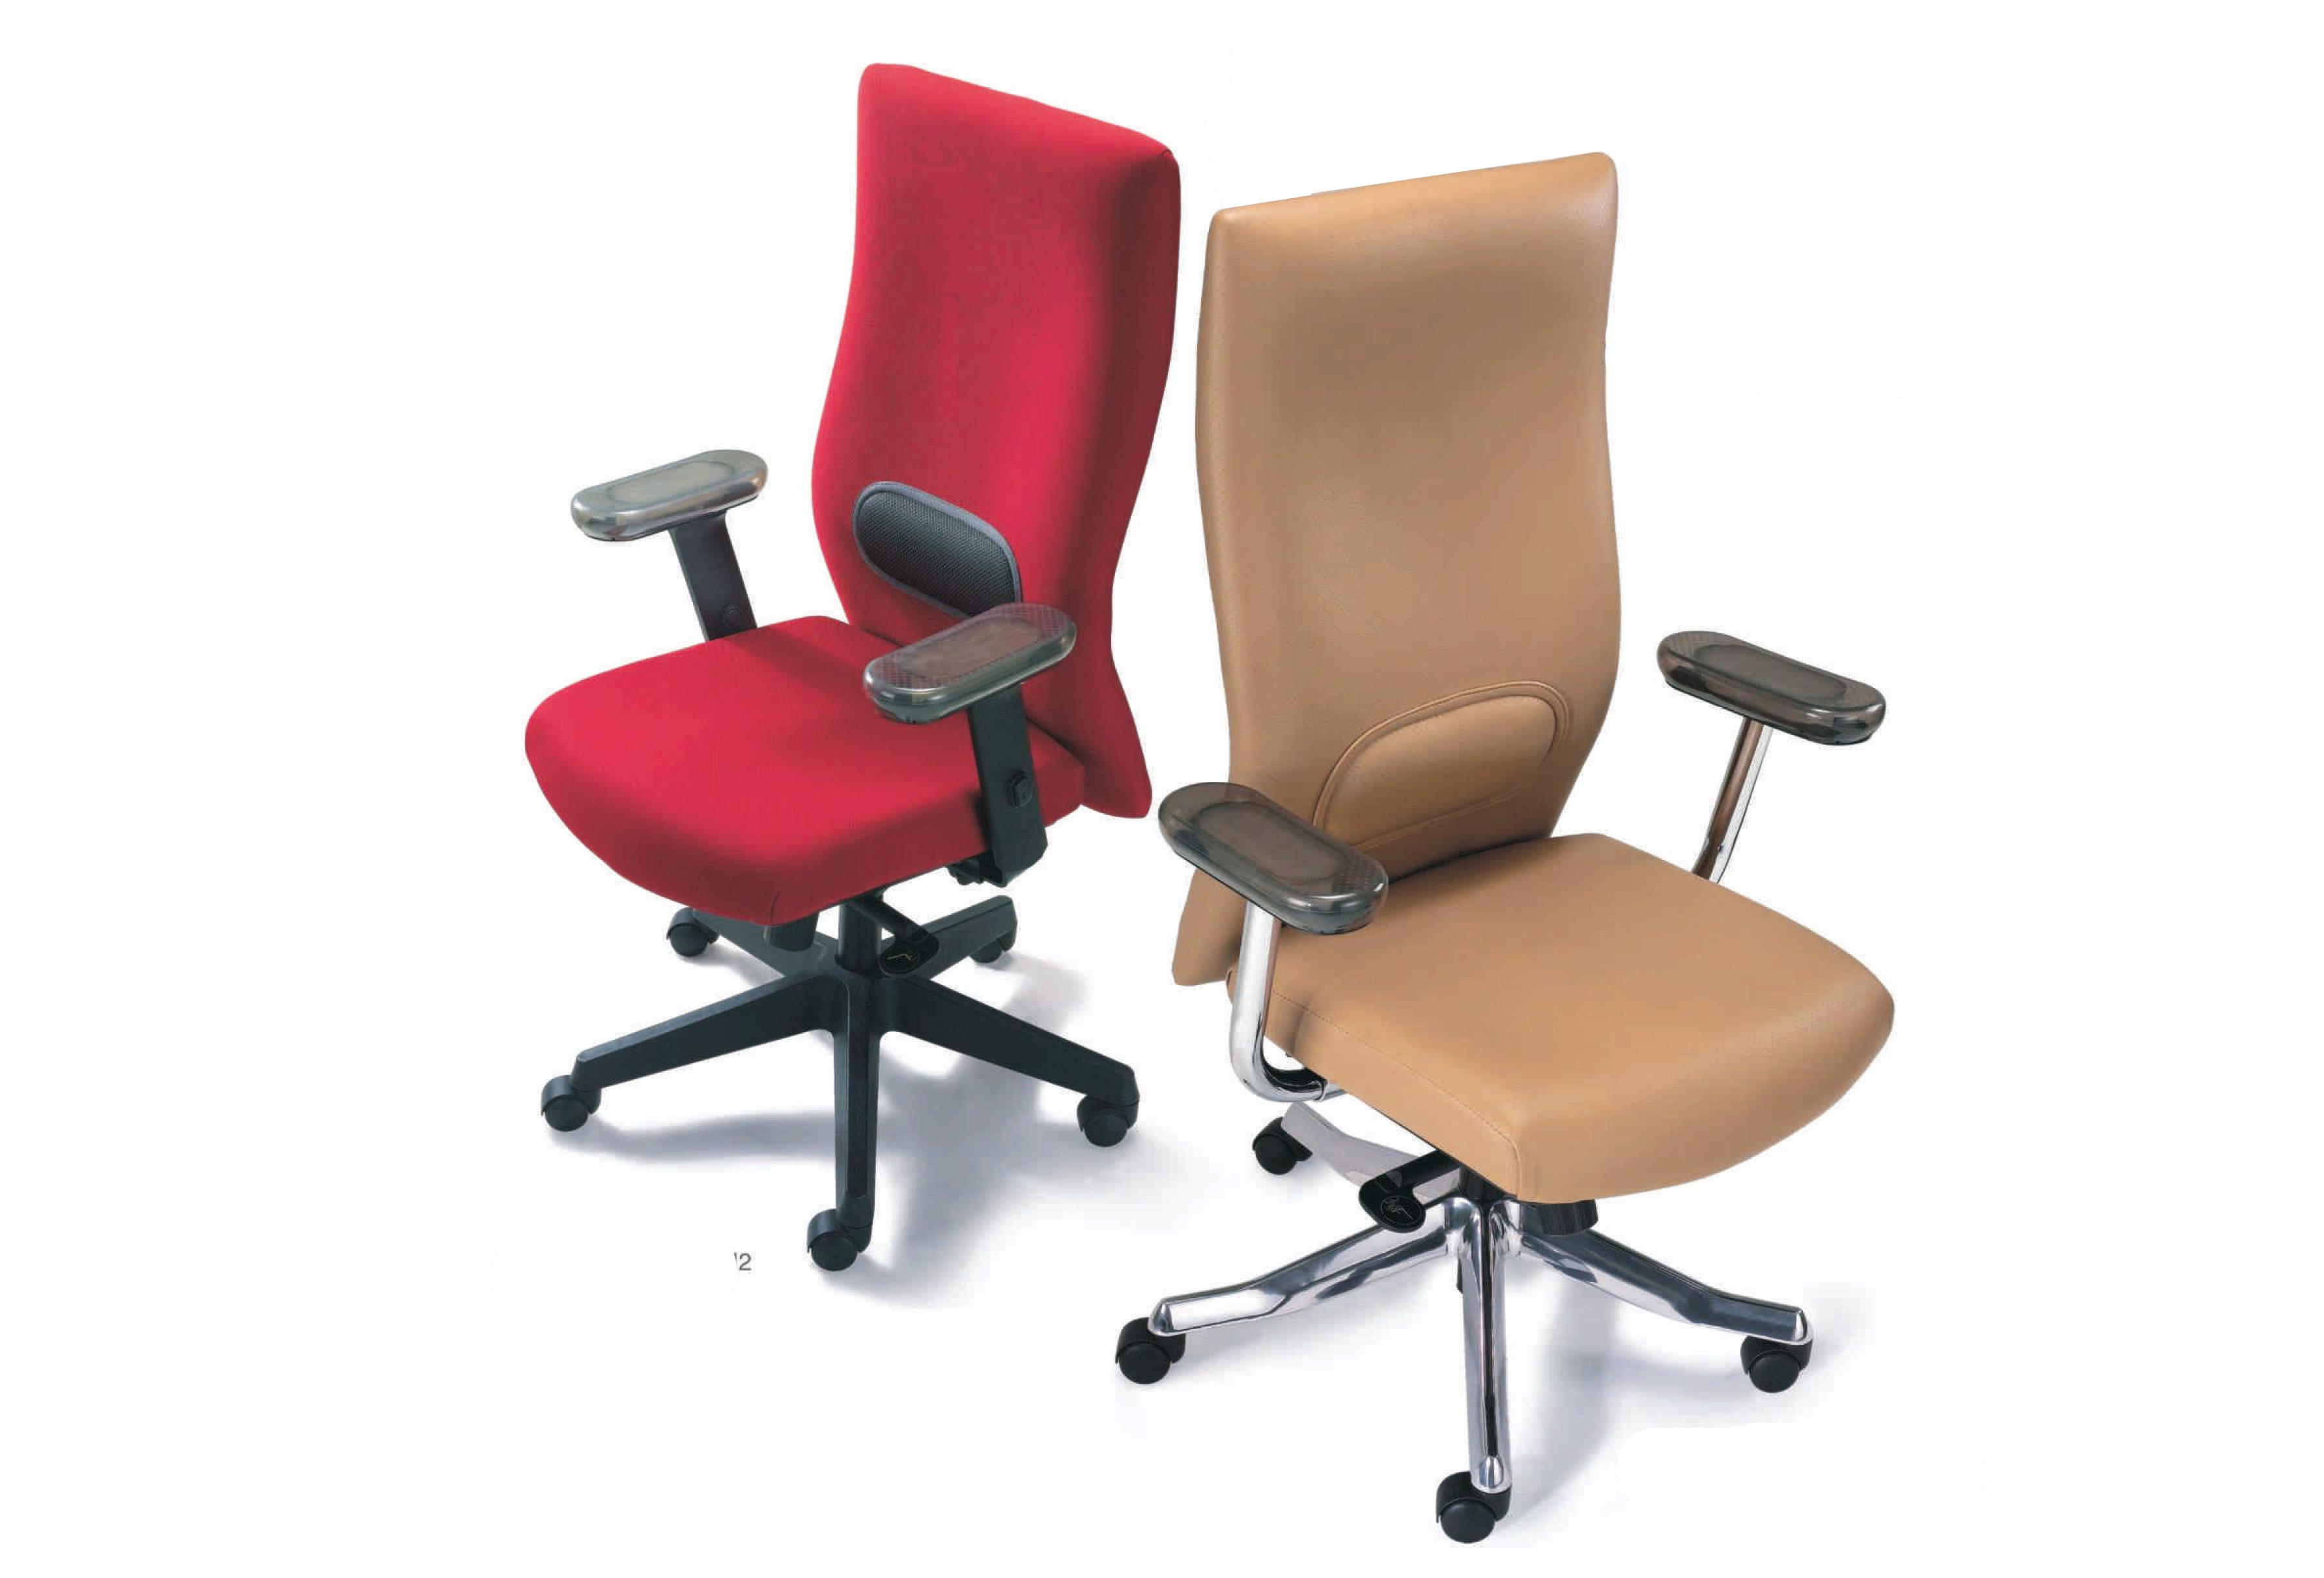 Zibra – Conferenece Chair